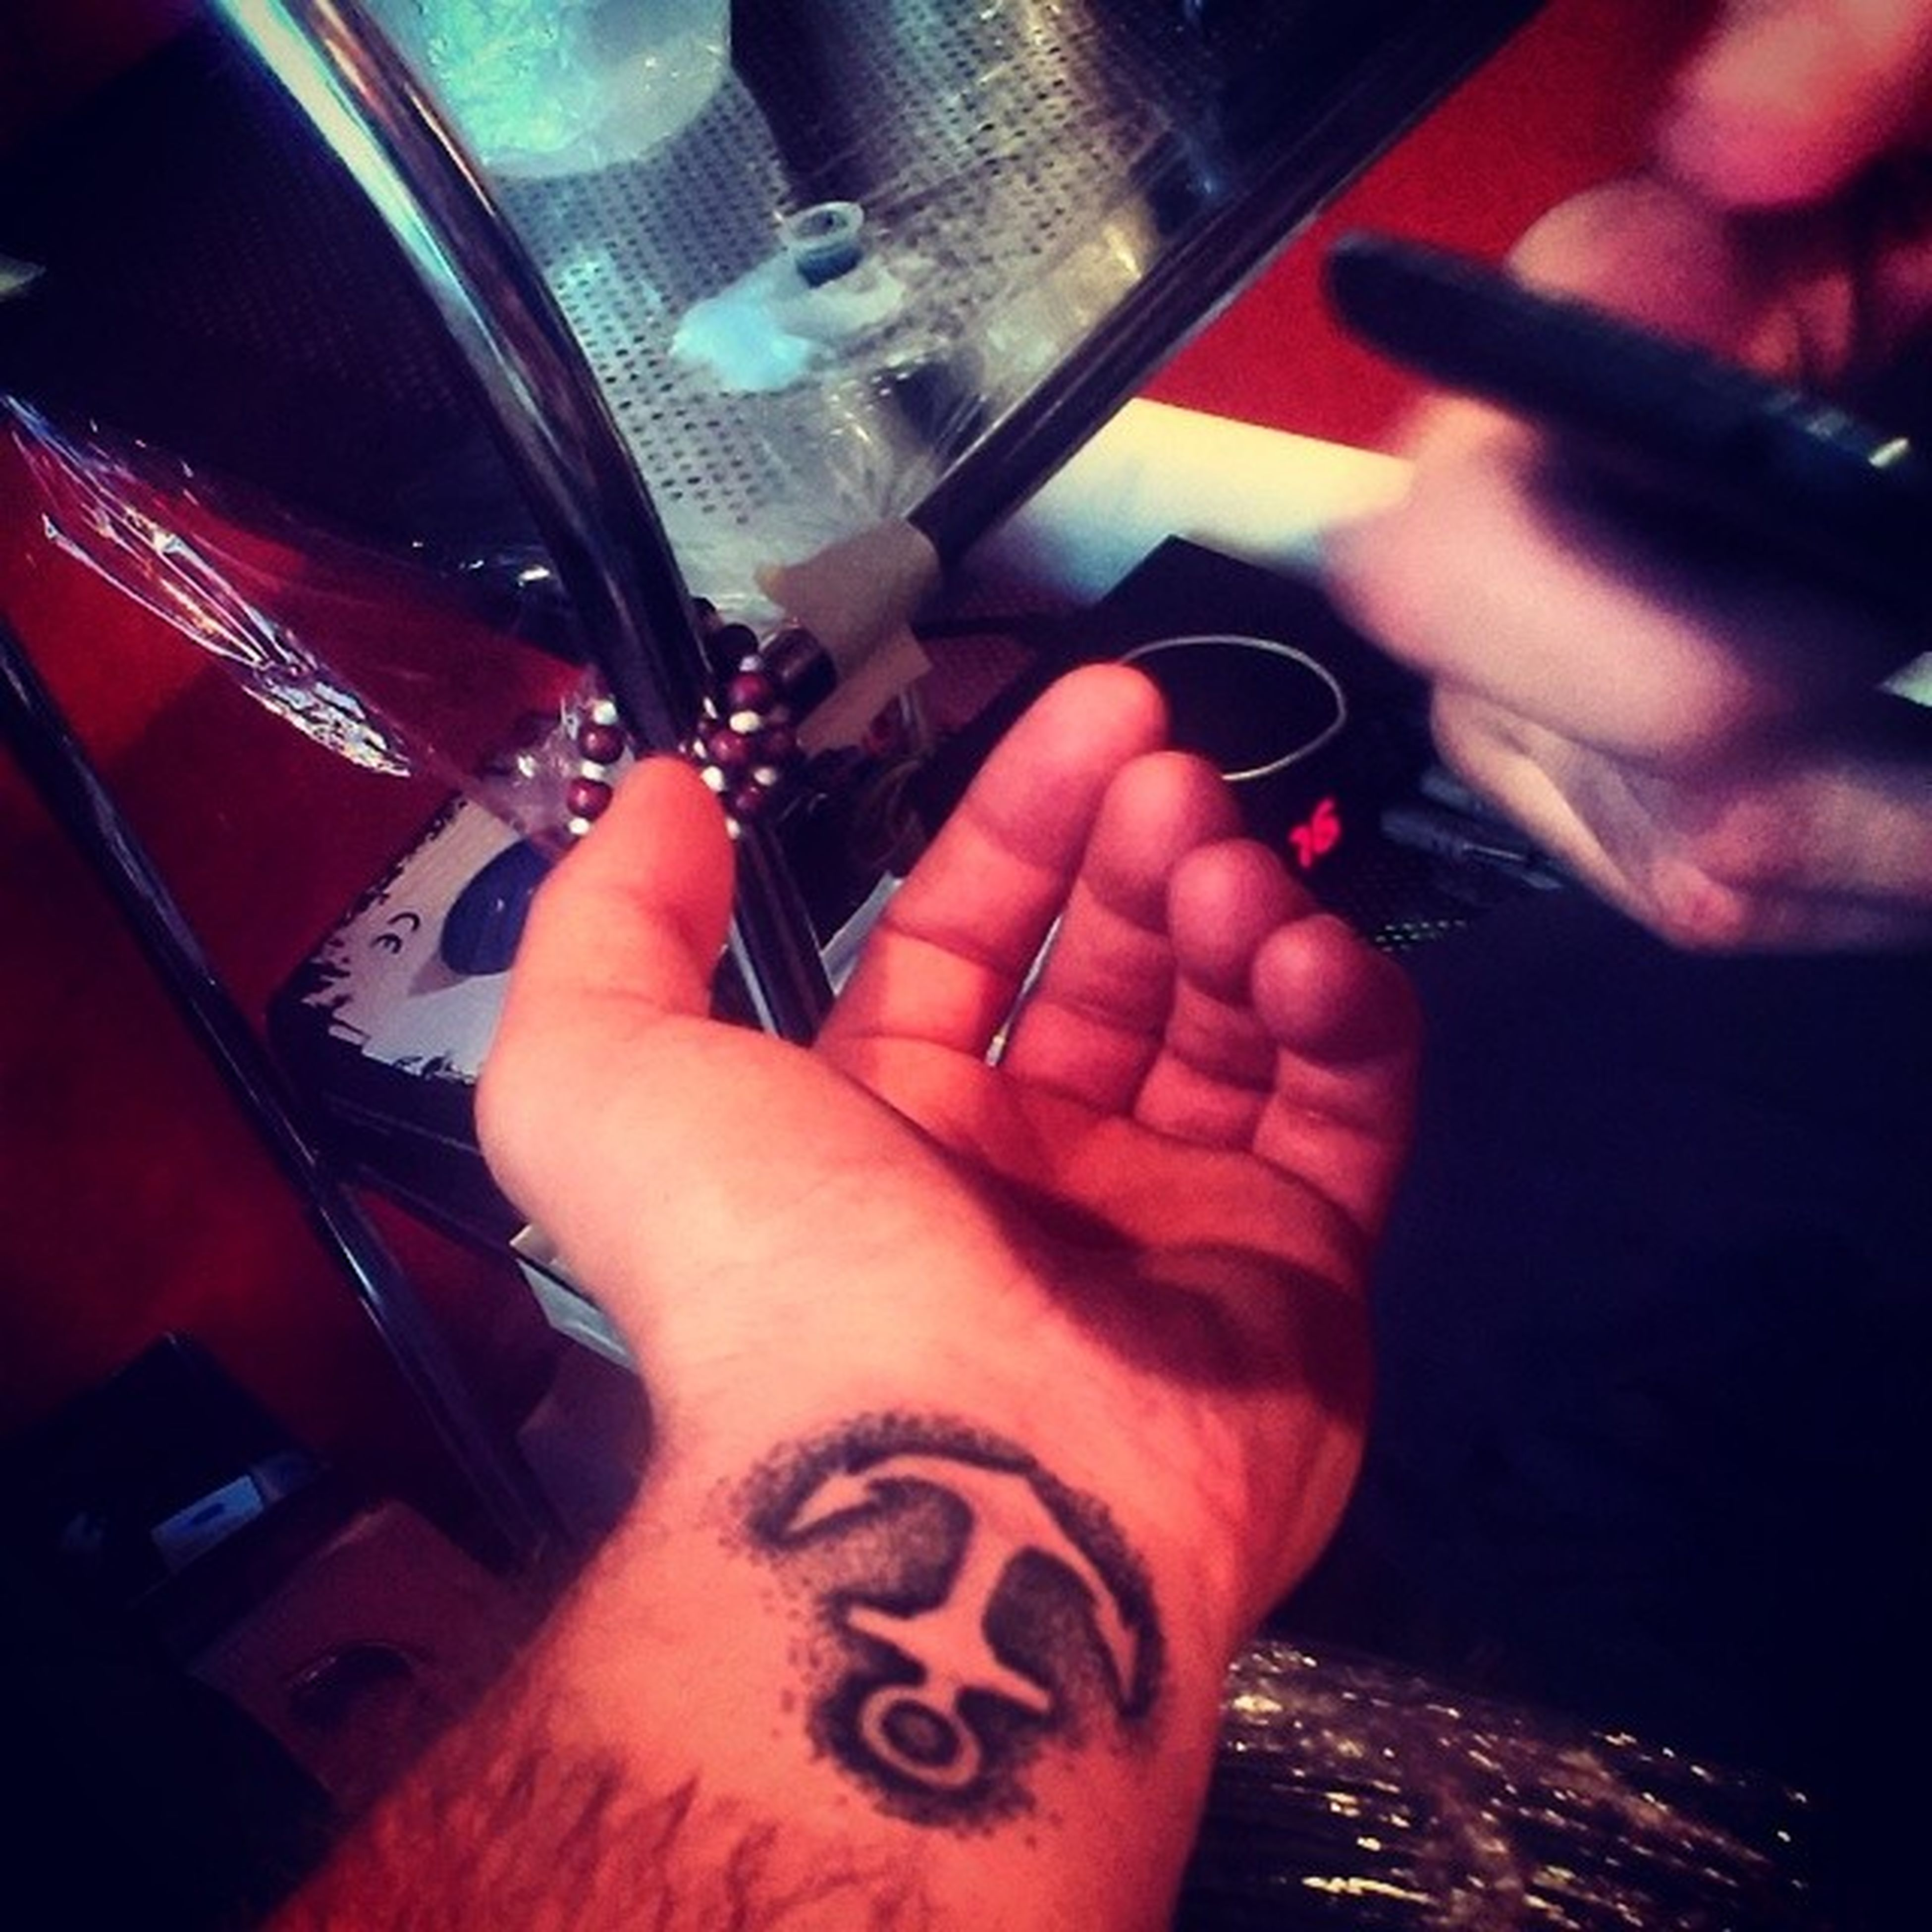 Bpink Tattoo